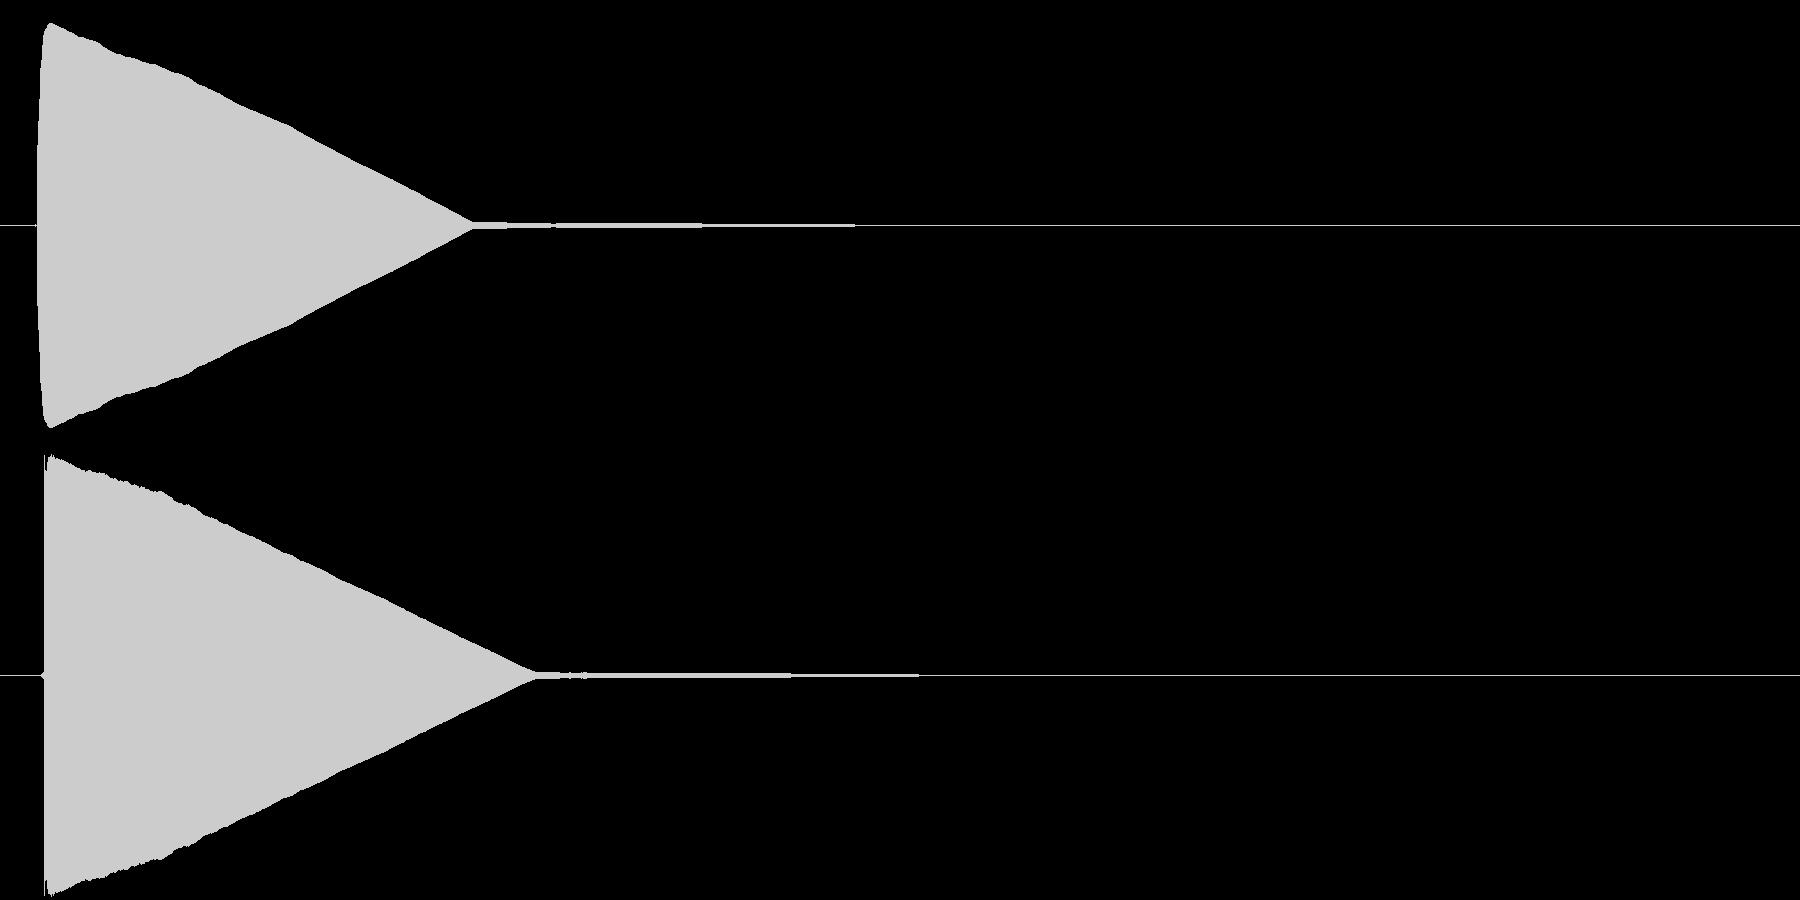 飛行機のシートベルトサイン音の未再生の波形